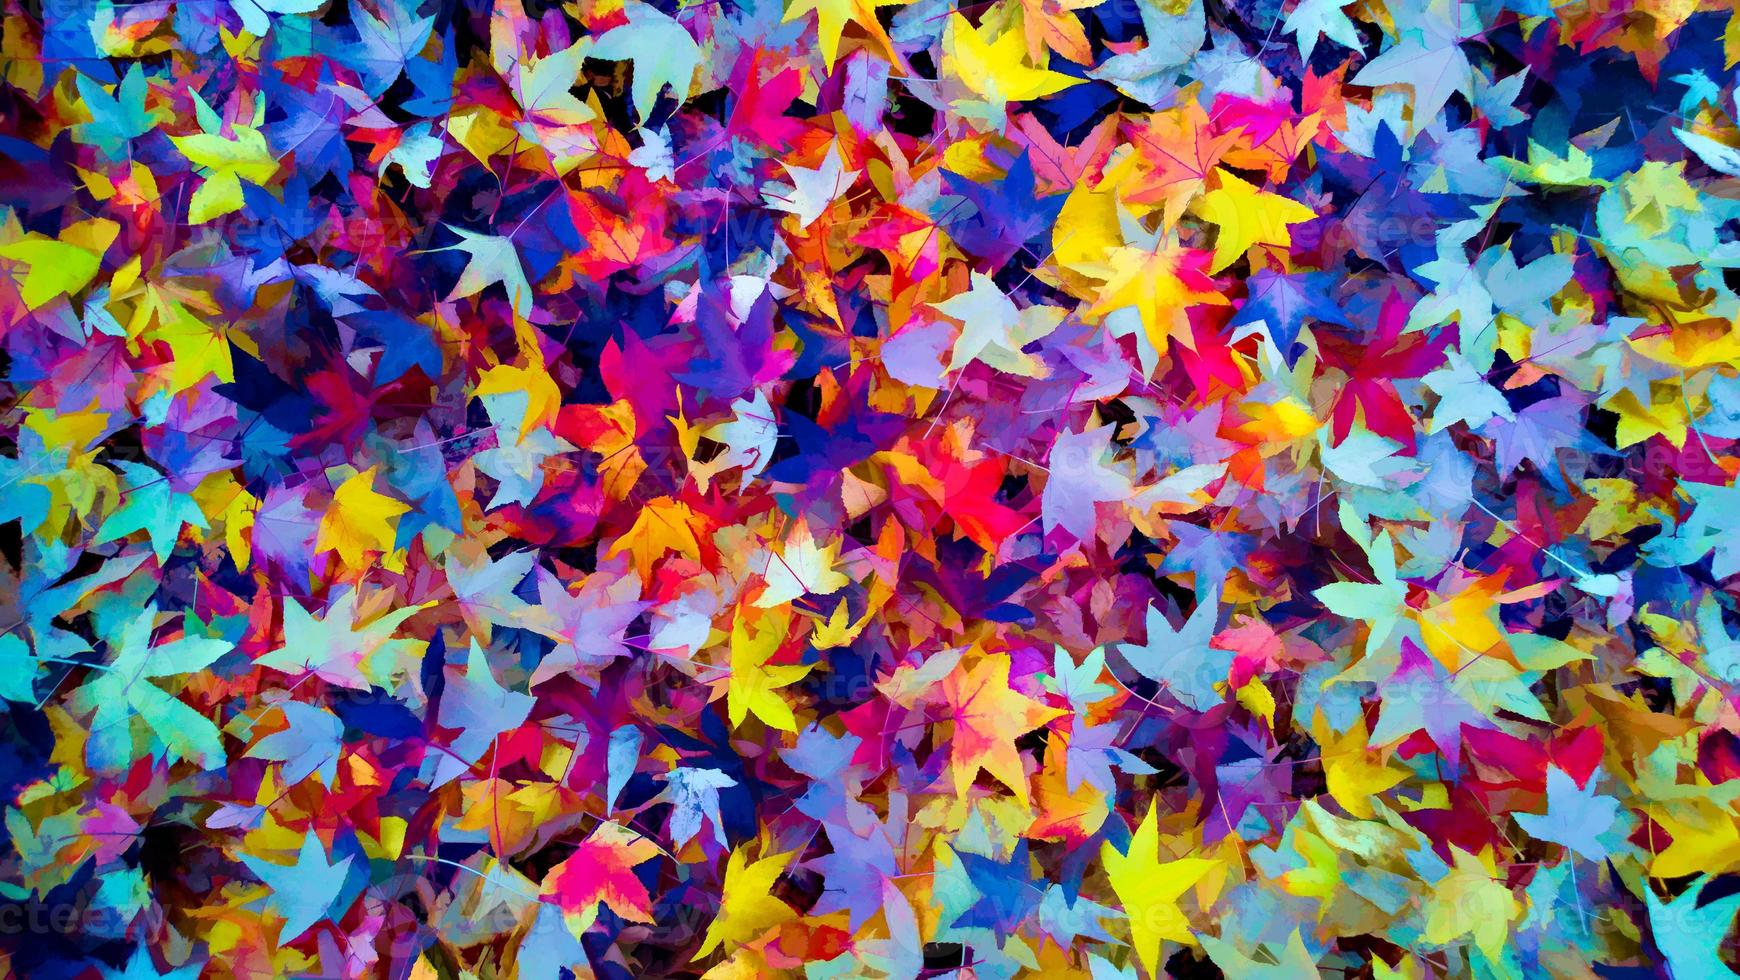 feuilles colorées d'automne fond d'automne, couleurs d'automne photo